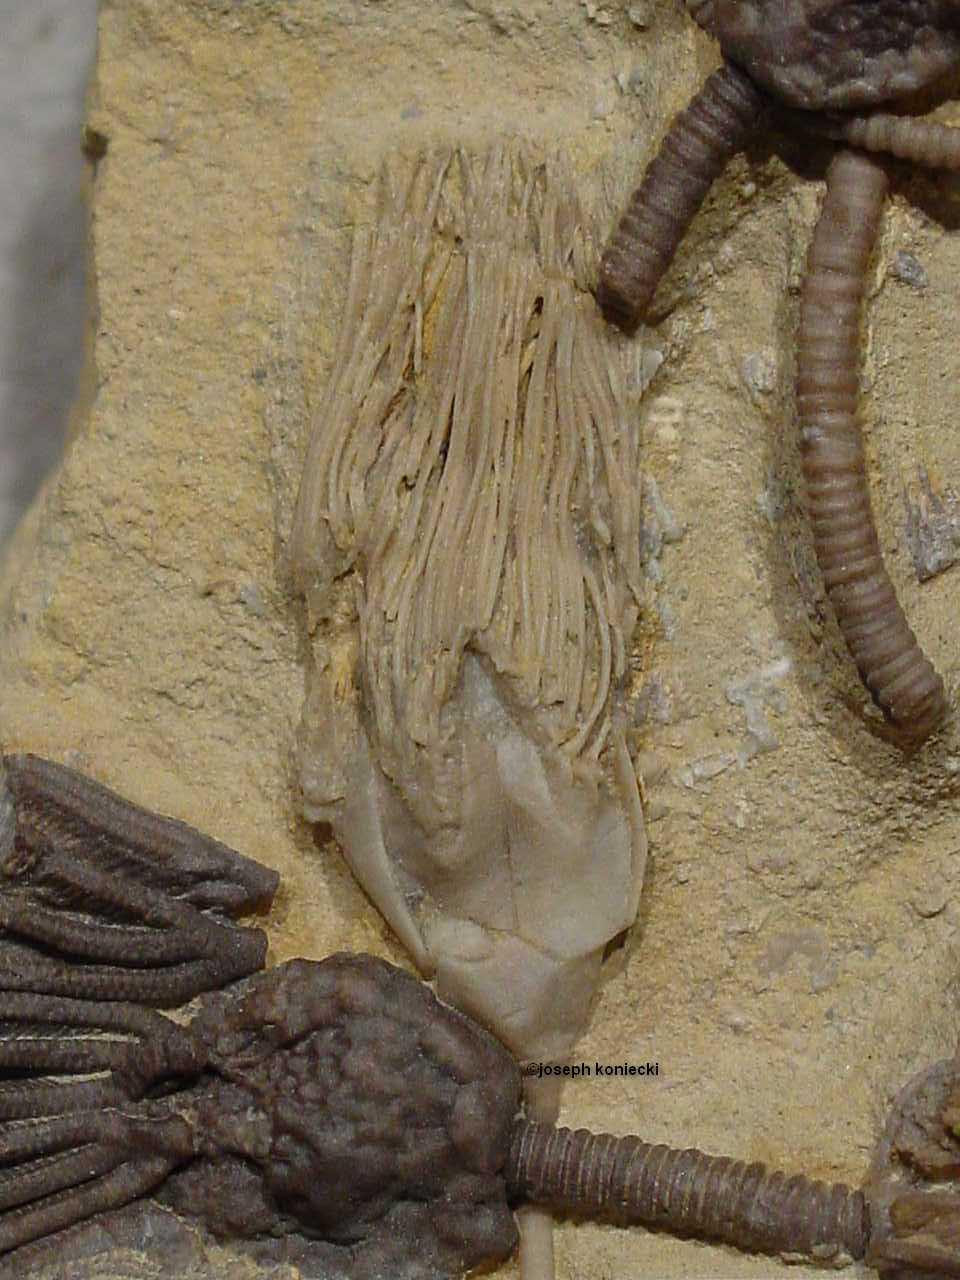 Pyramiblastus